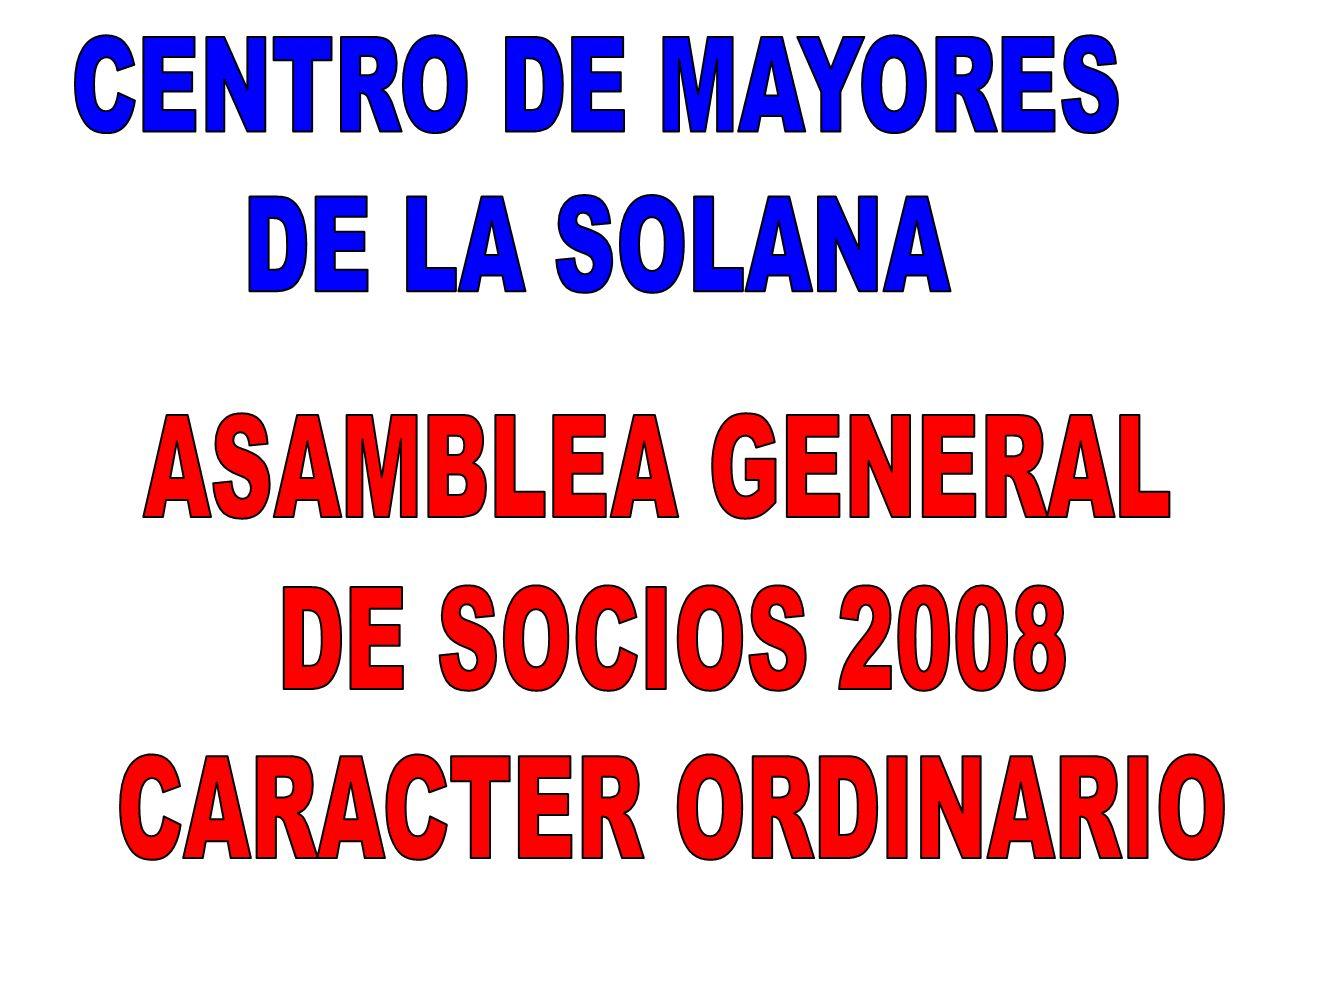 CENTRO DE MAYORES DE LA SOLANA ASAMBLEA GENERAL DE SOCIOS 2008 CARACTER ORDINARIO